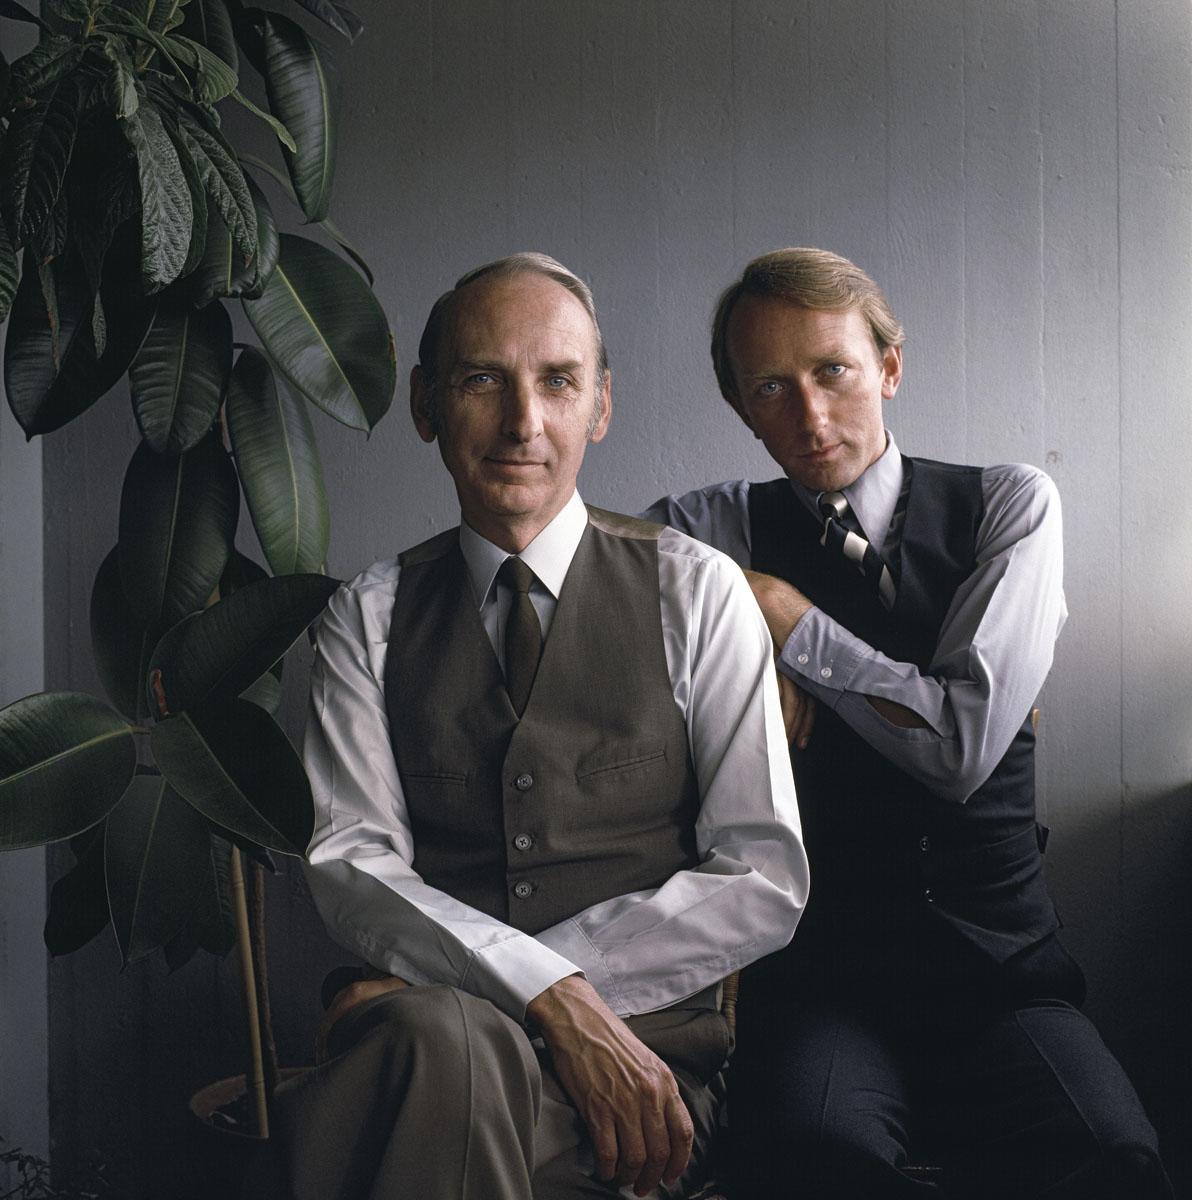 La photographie montre deux hommes à mi-corps, habillés de la même façon, assis